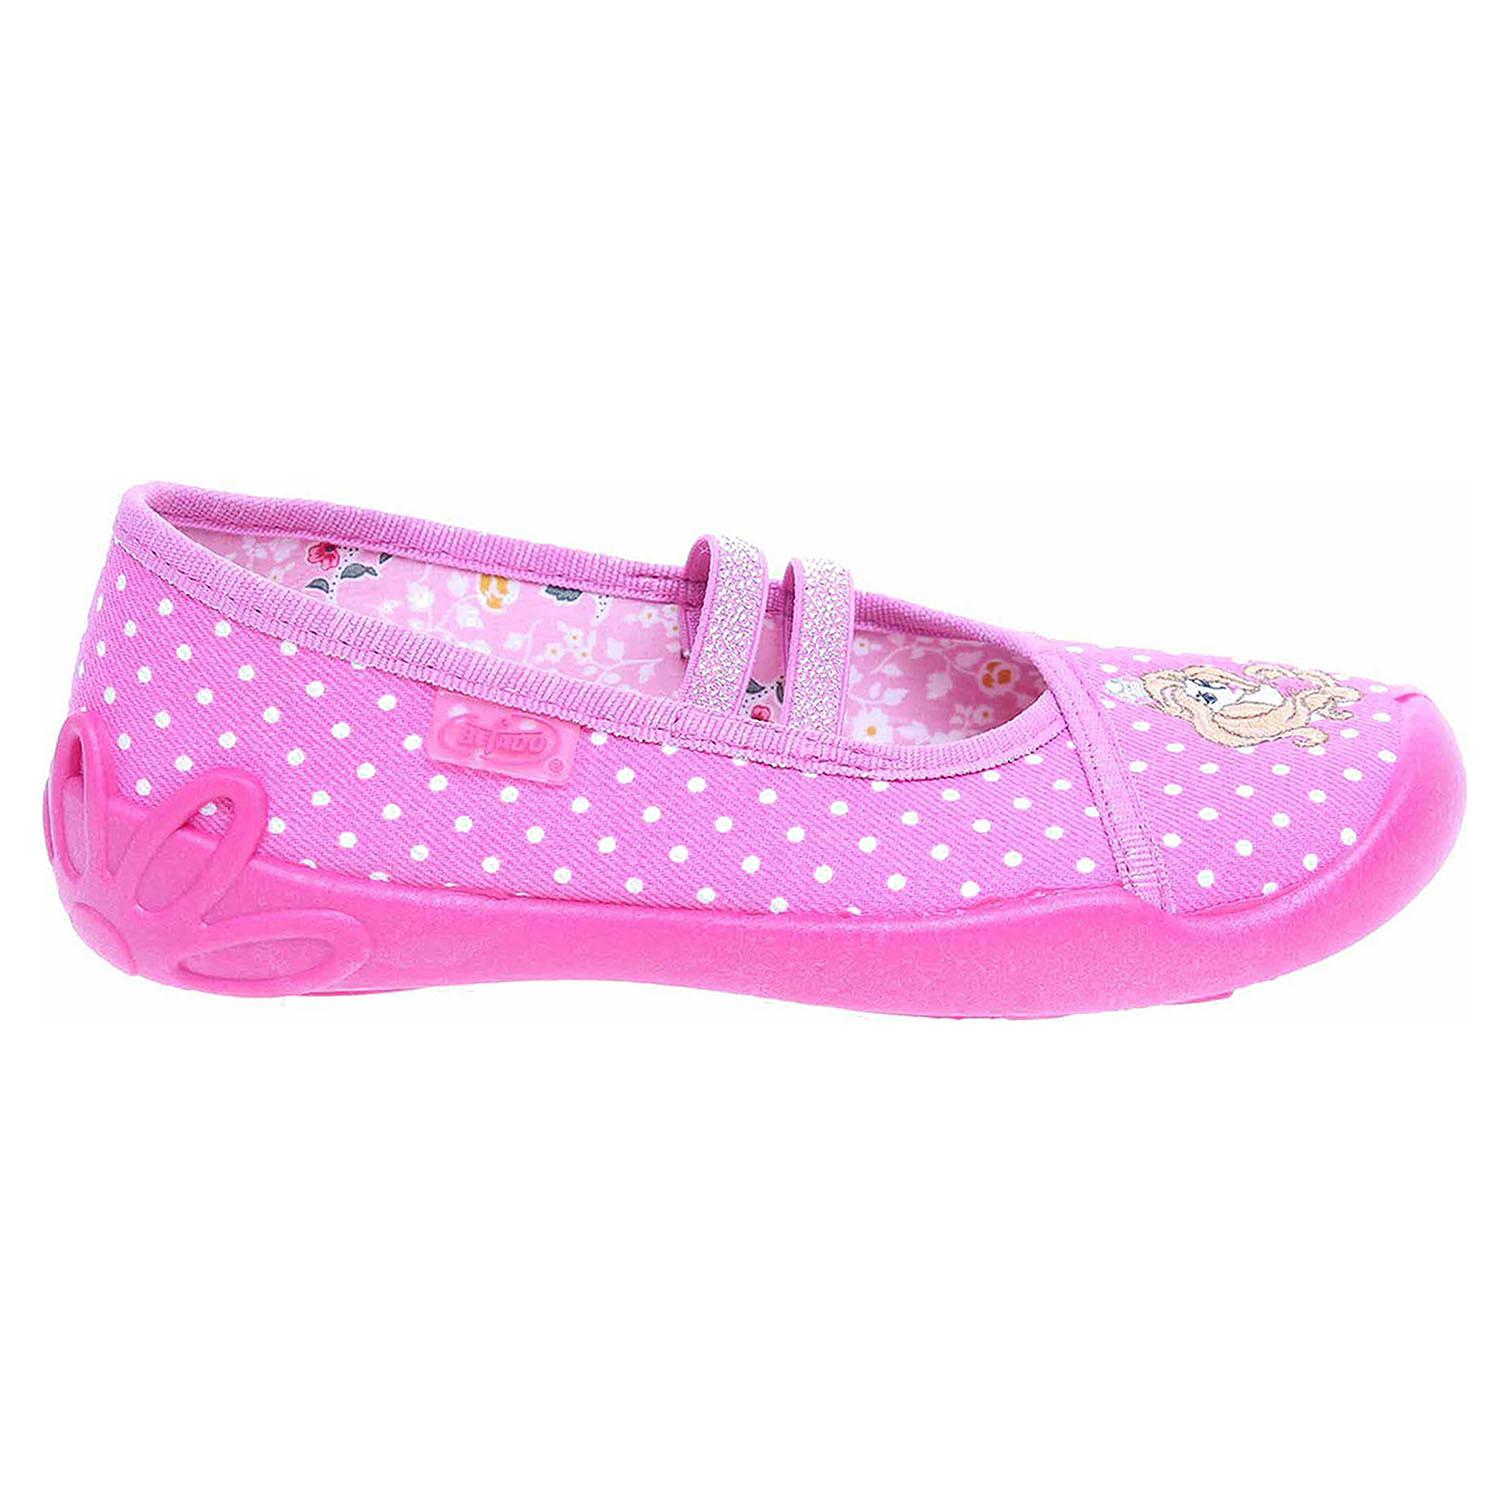 Ecco Befado dívčí bačkory 116X222 růžové 26900166